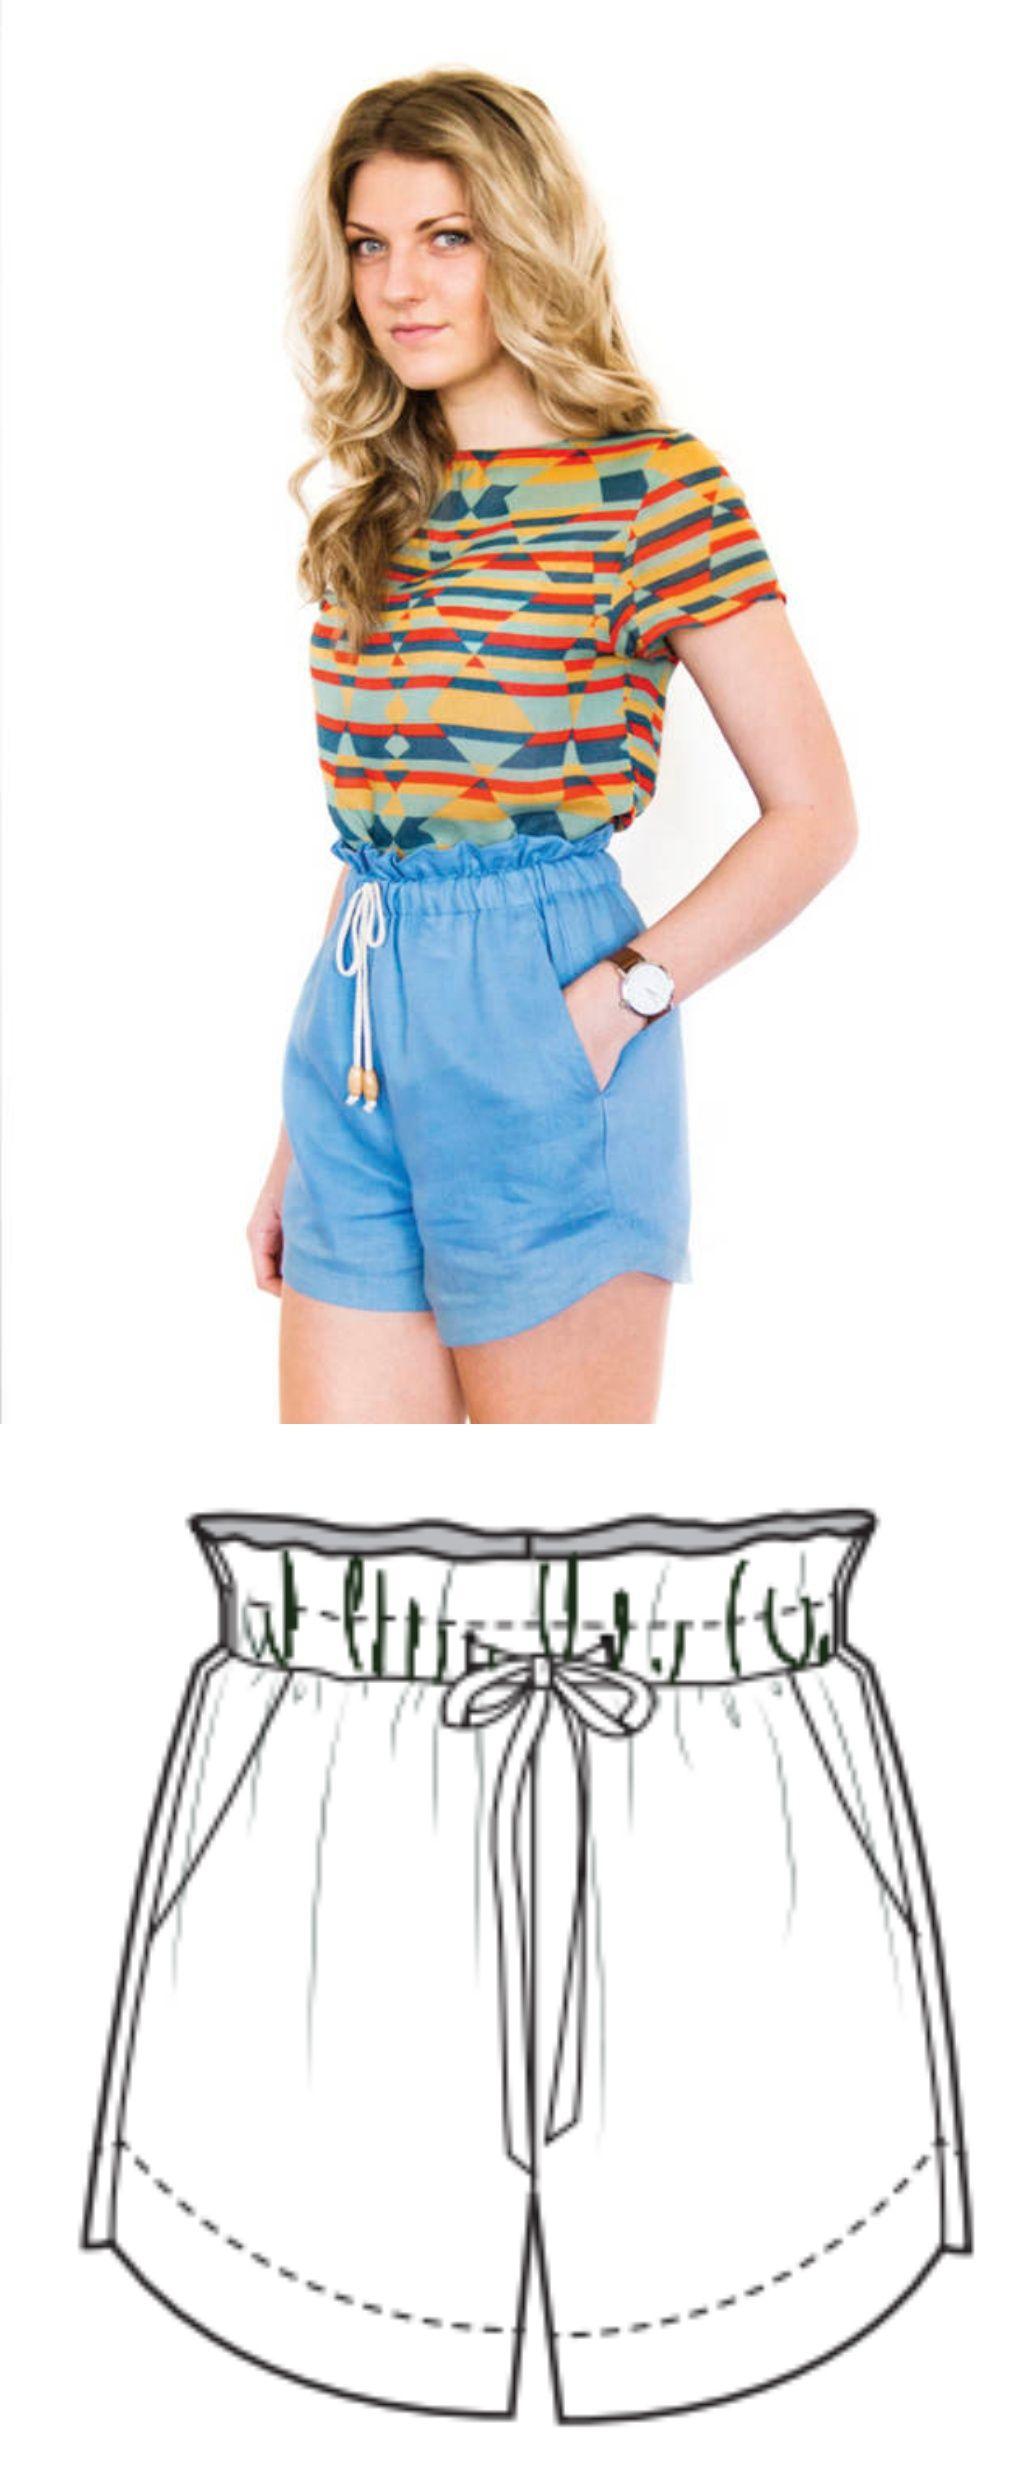 Shorts mit Zugband | Ausdrucken, Shorts und Nähanleitung